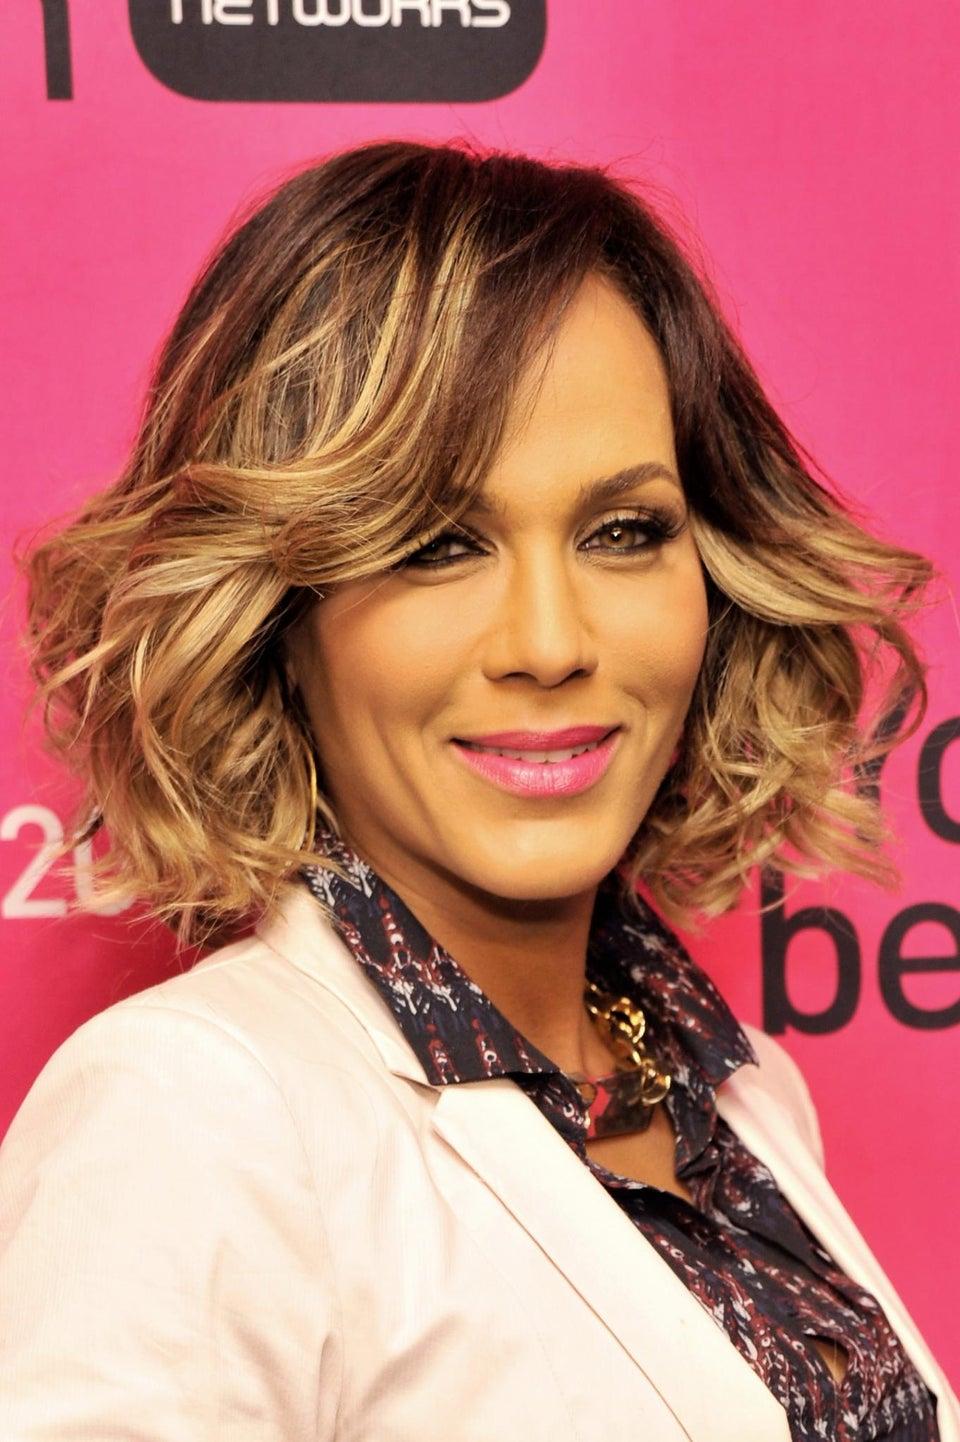 Get the Look: Nicole Ari Parker's Makeup Artist Reveals Her Beauty Tricks